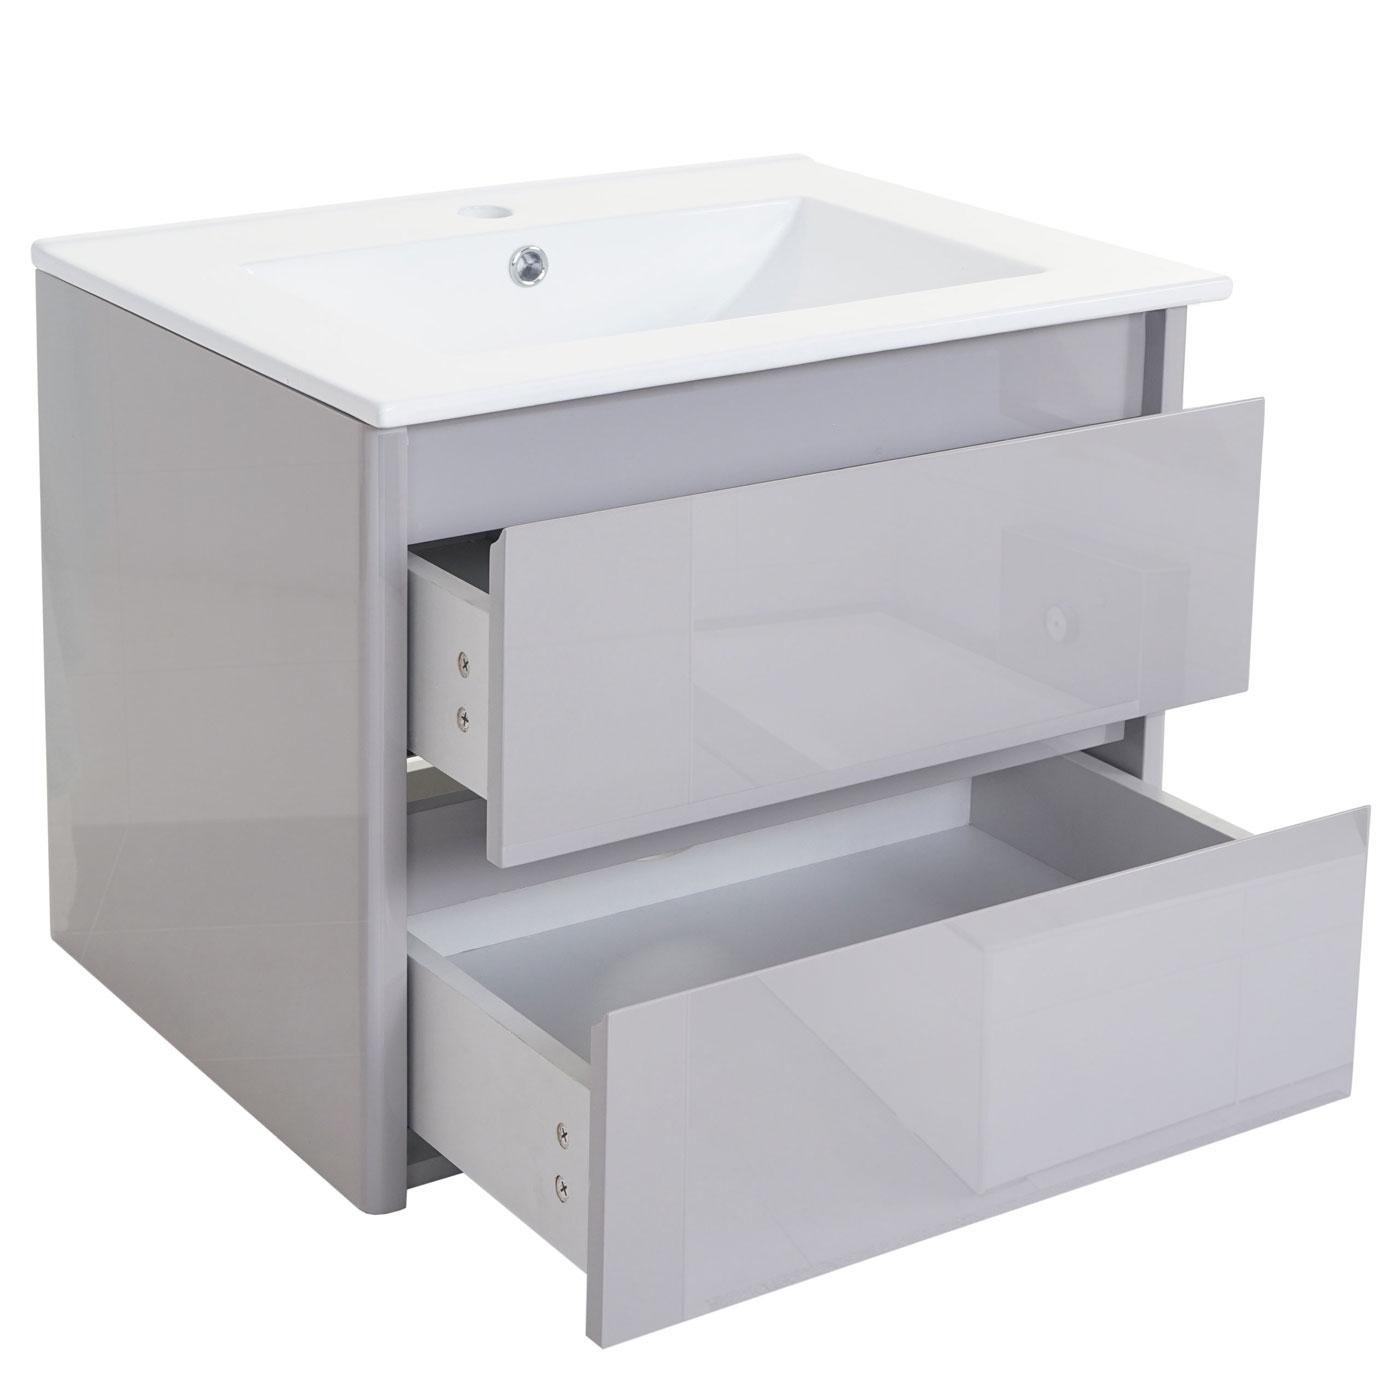 Waschbecken unterschrank hwc b19 waschbecken waschtisch - Waschbecken badezimmer ...